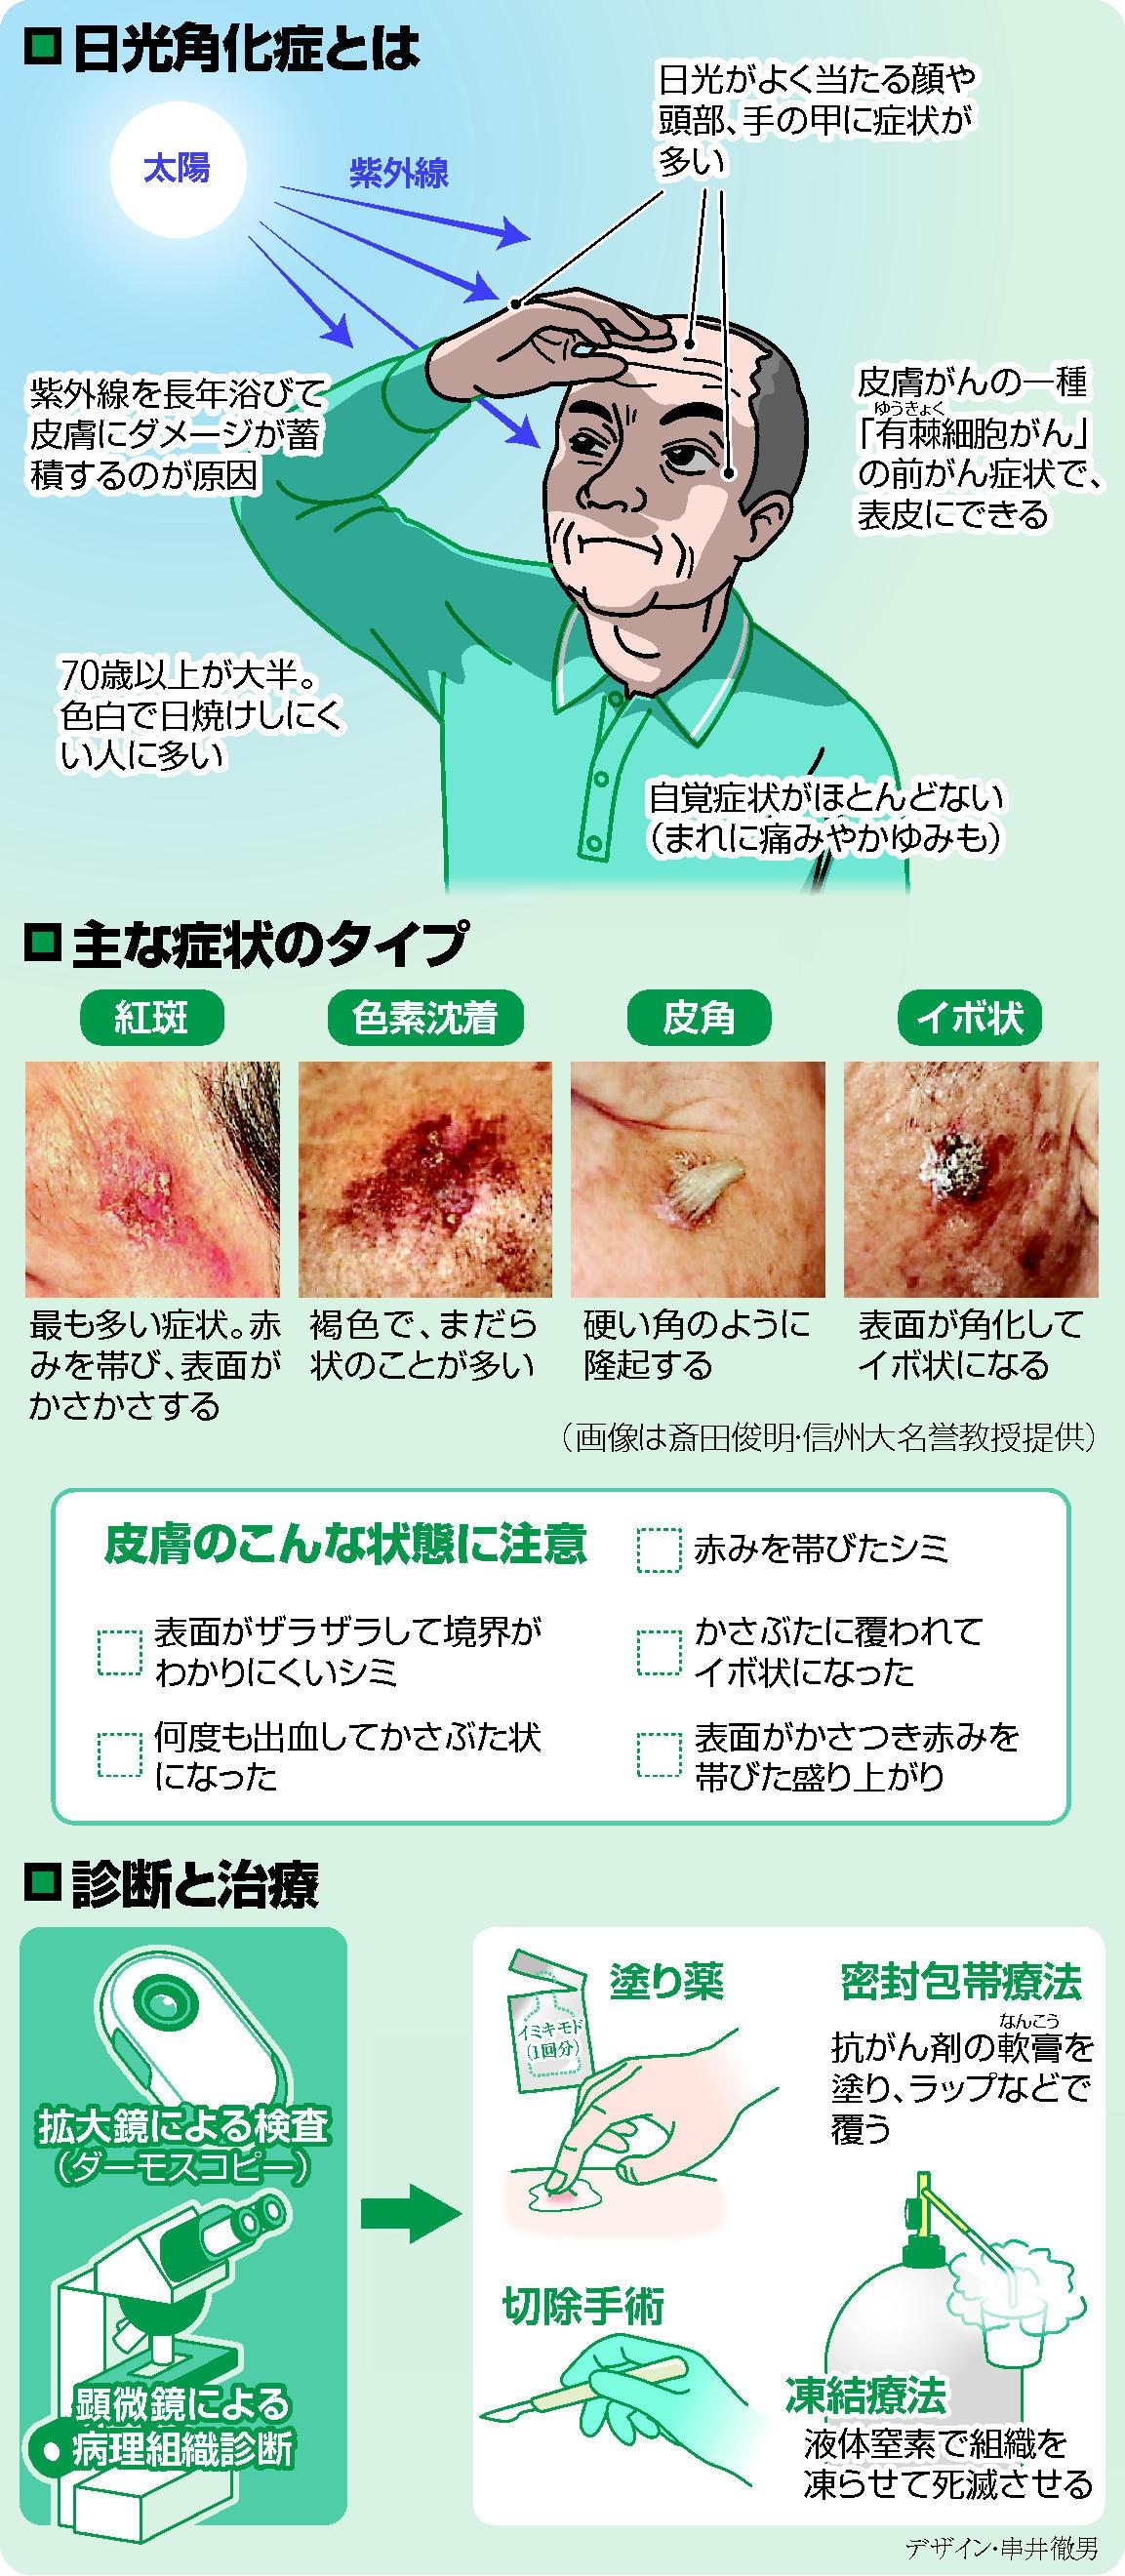 「日光角化症」皮膚がんに進行も…若い時から紫外線防ぐ